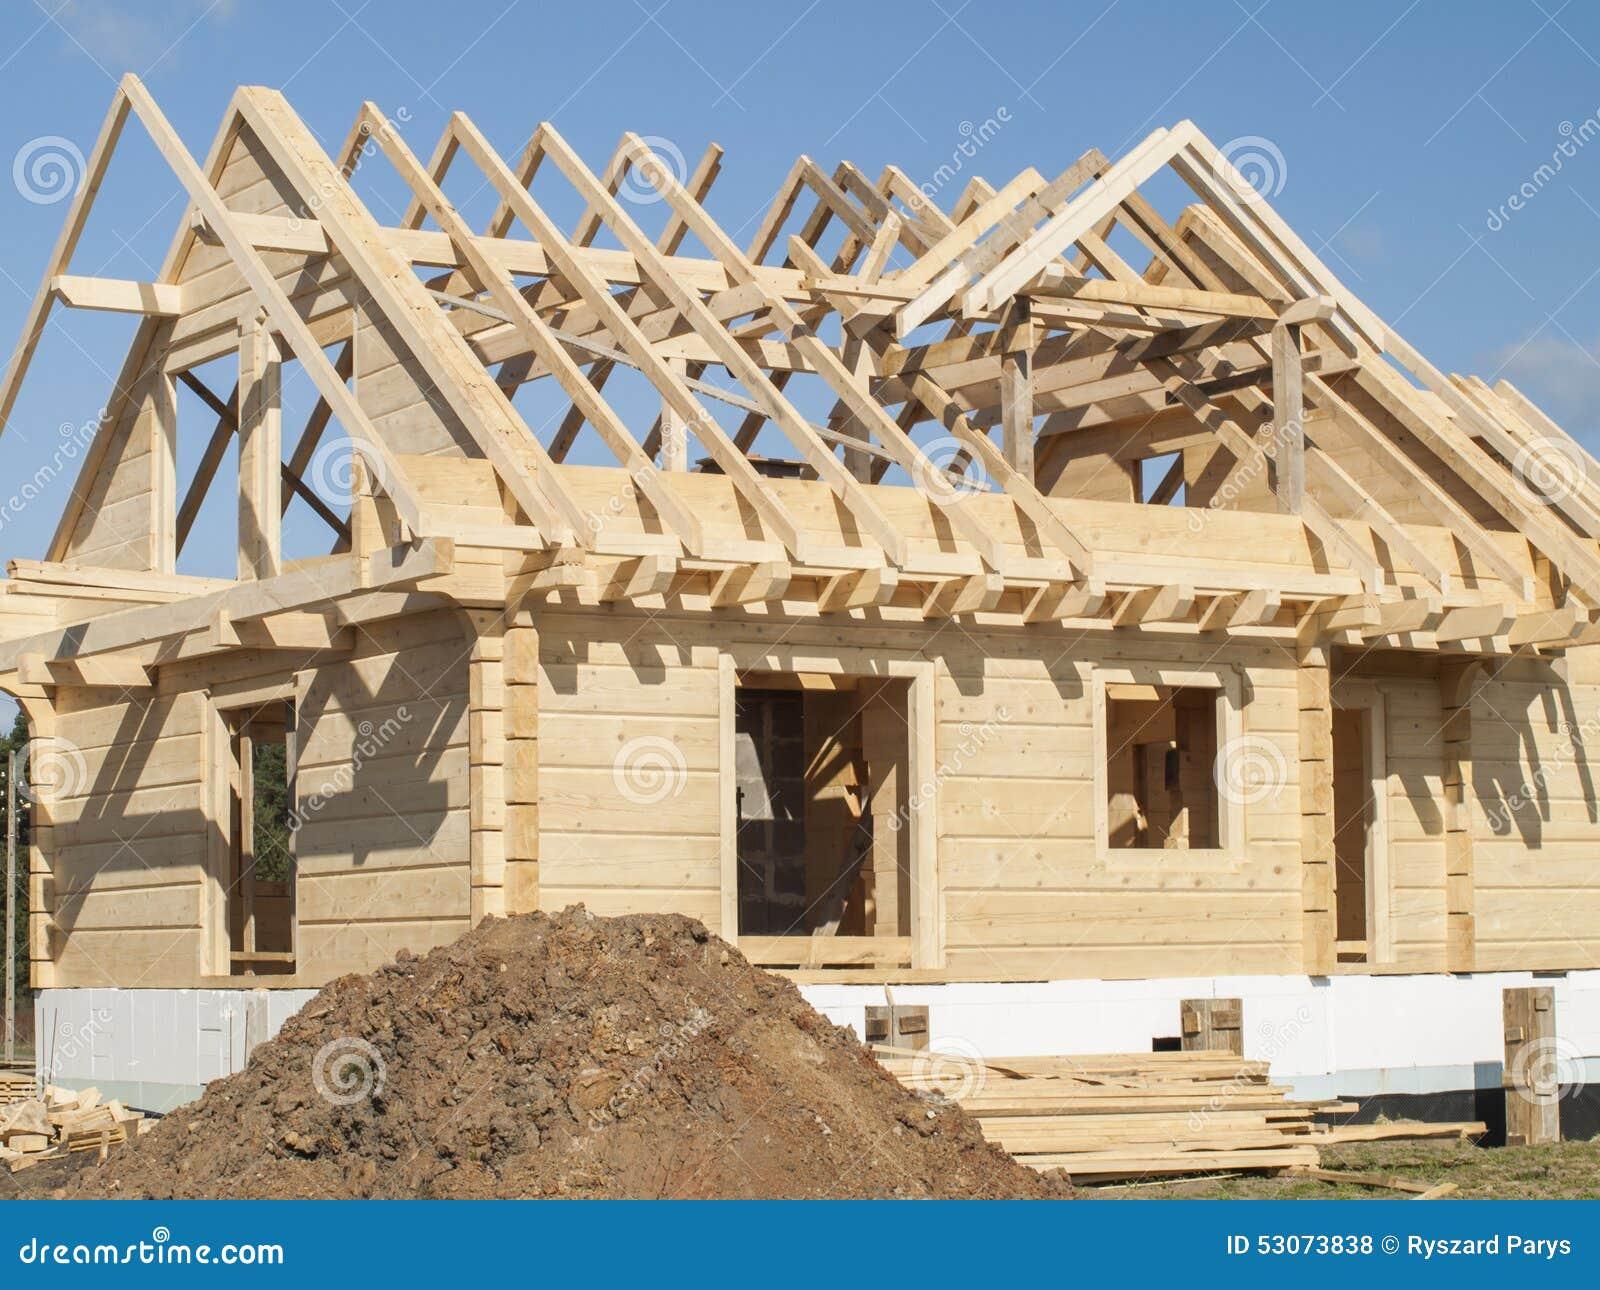 video di minecraft come costruire una casa di legno